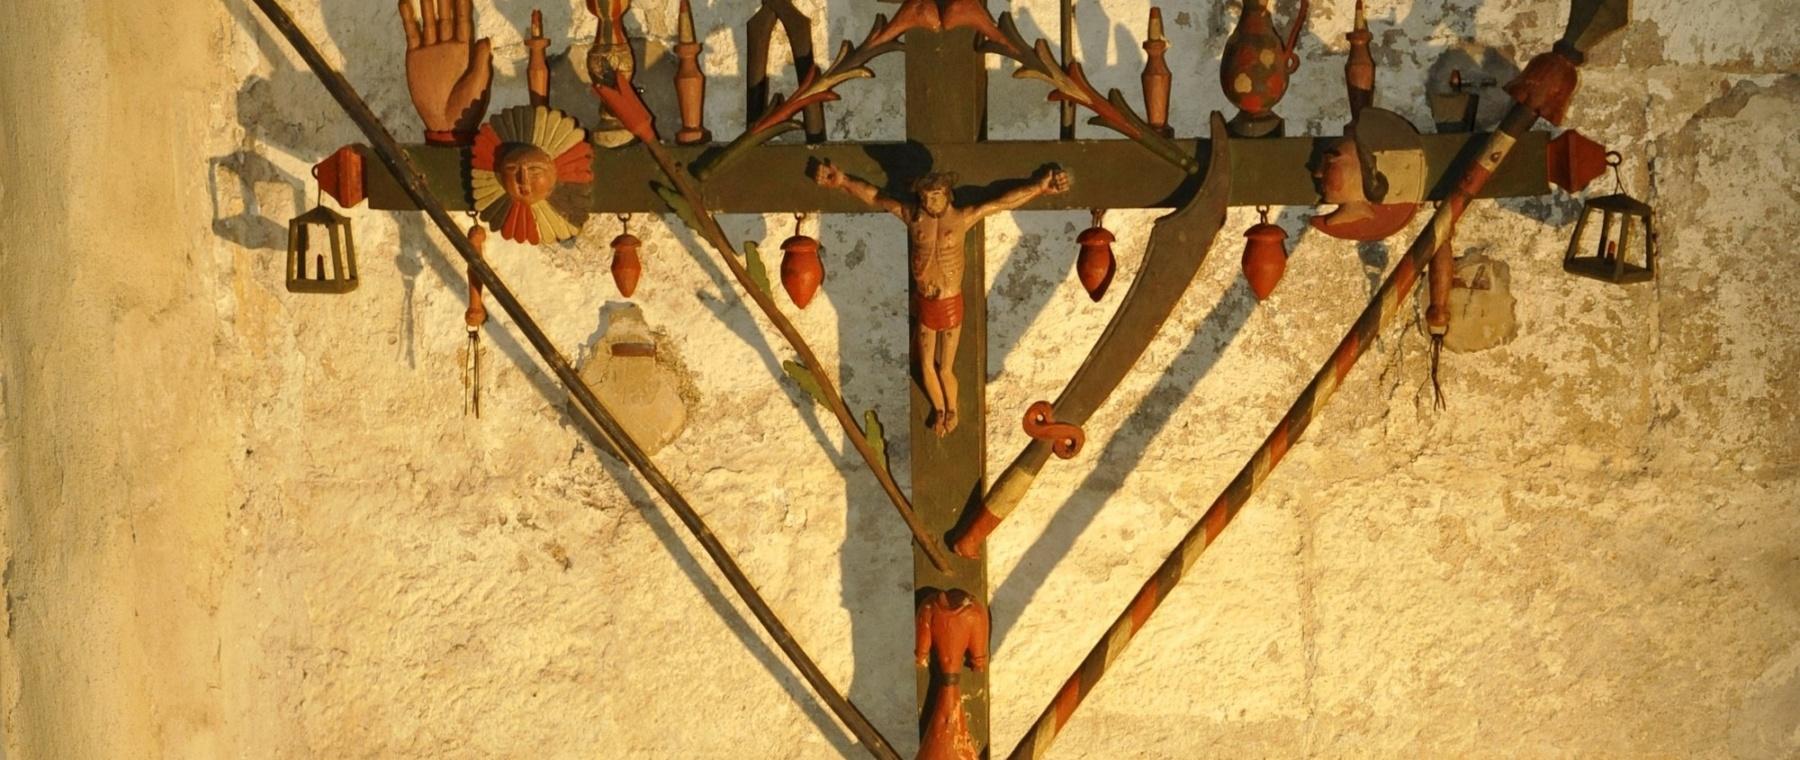 Croix des mariniers du musée des Mariniers de Serrières (07) © M. Rougy/Auvergne-Rhône-Alpes Tourisme